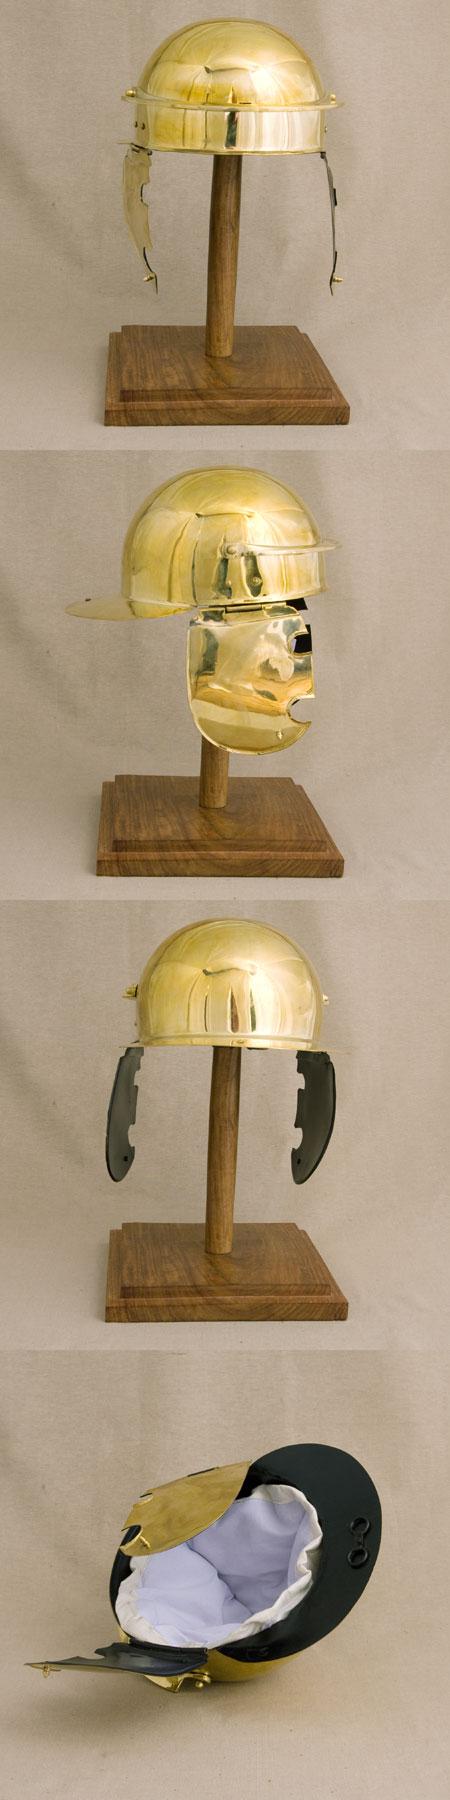 Helm der Legionäre Roms, 1.Jhdt.AD, Coolus C